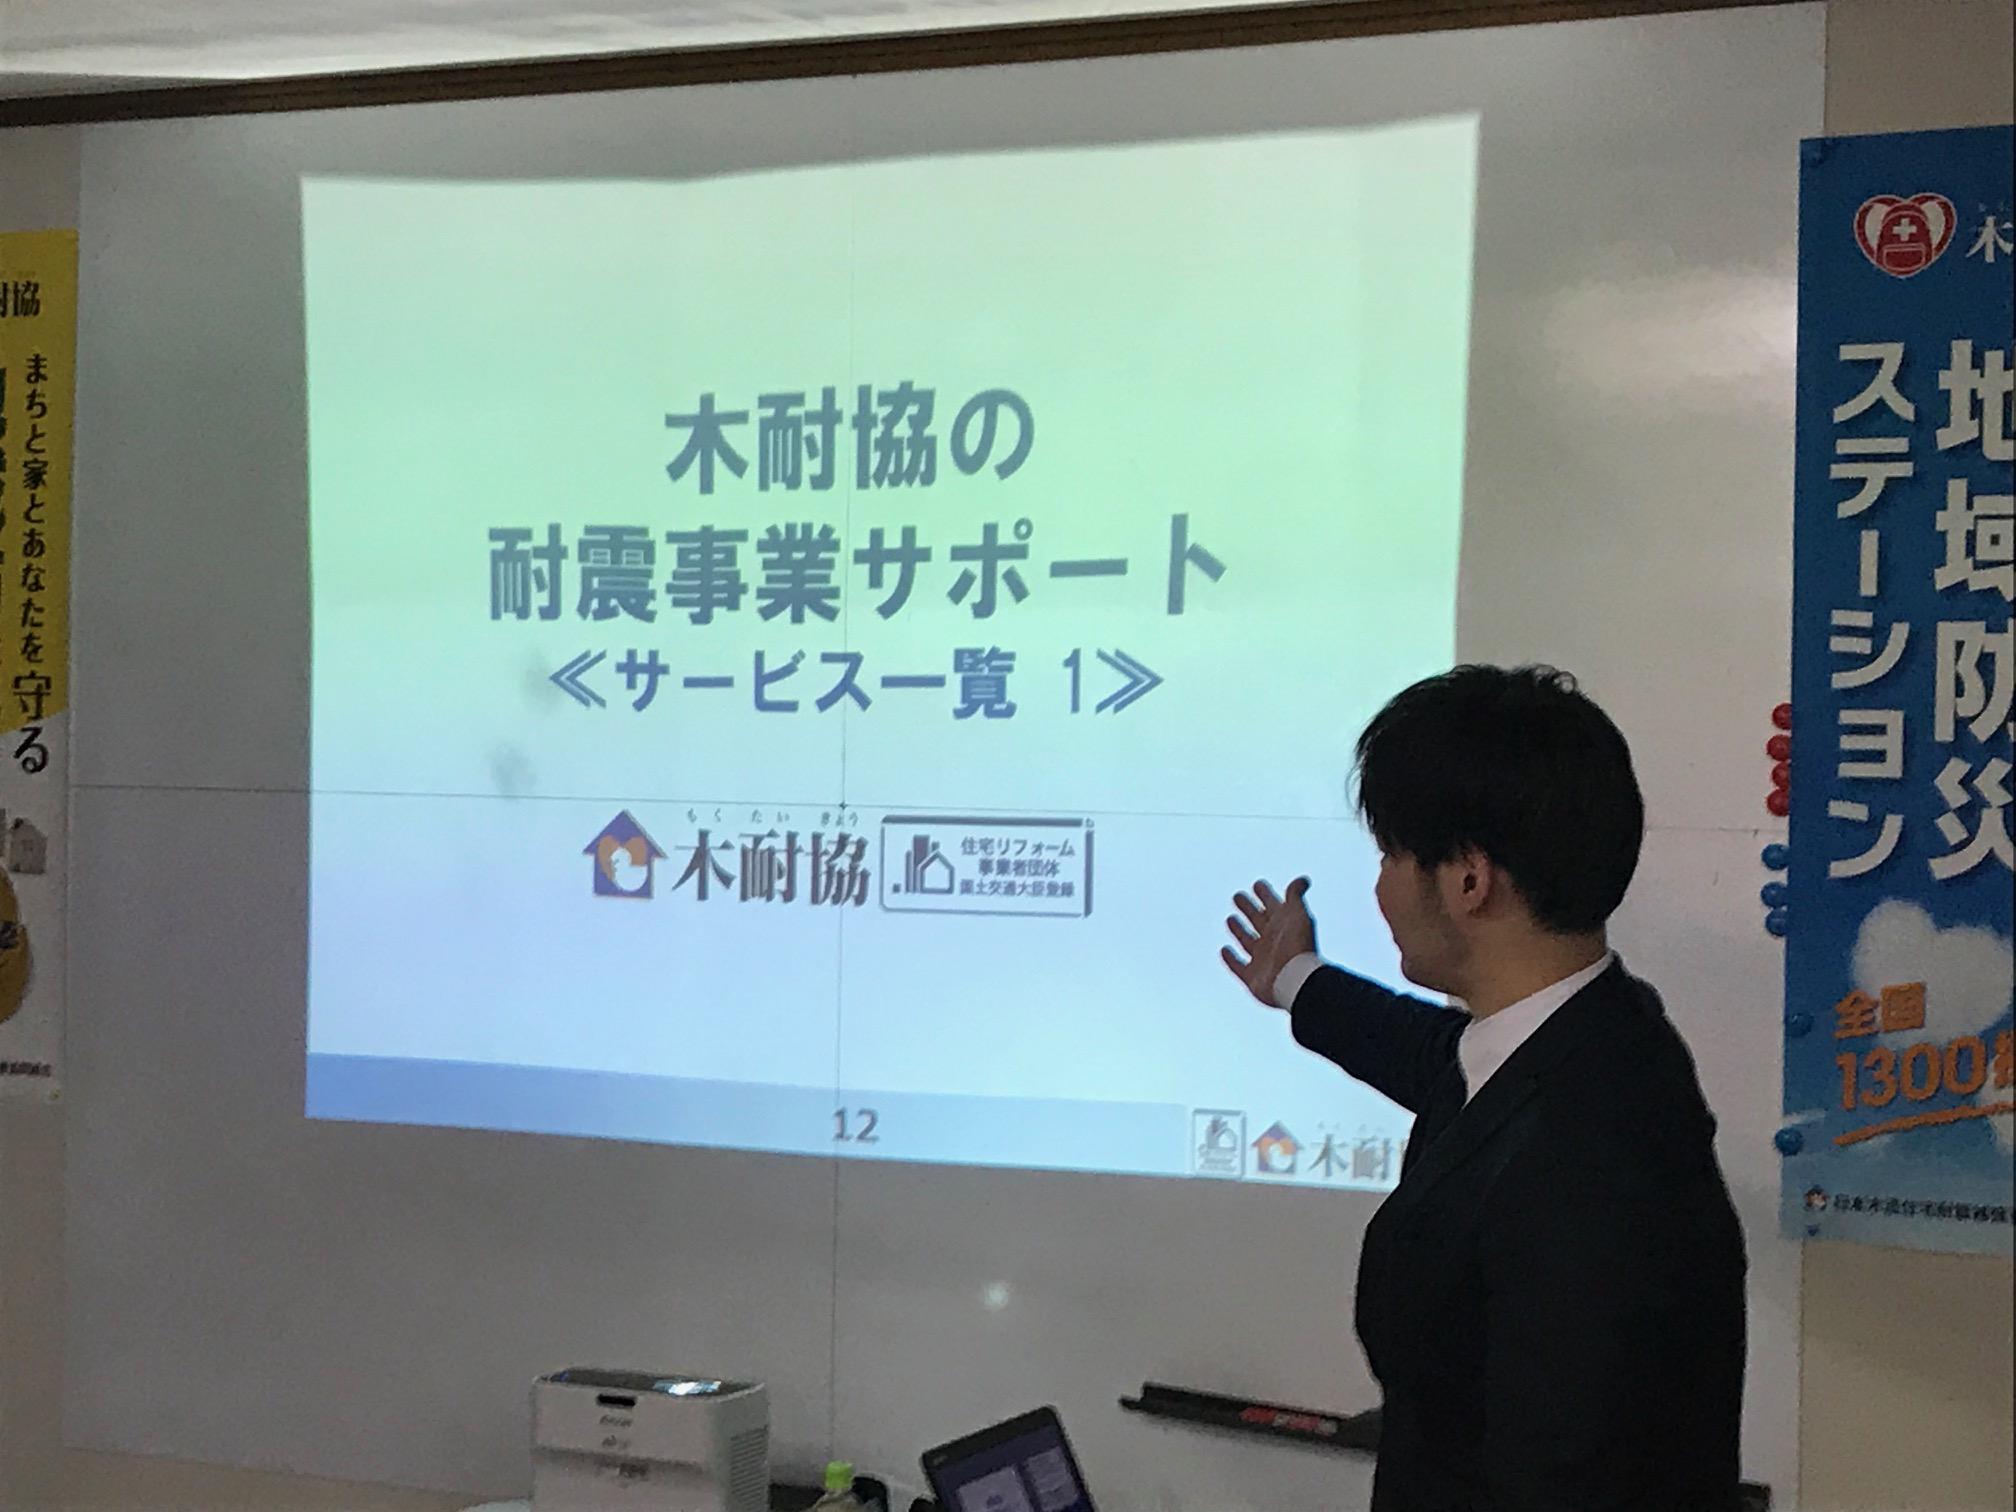 木耐協加盟セミナーin東京